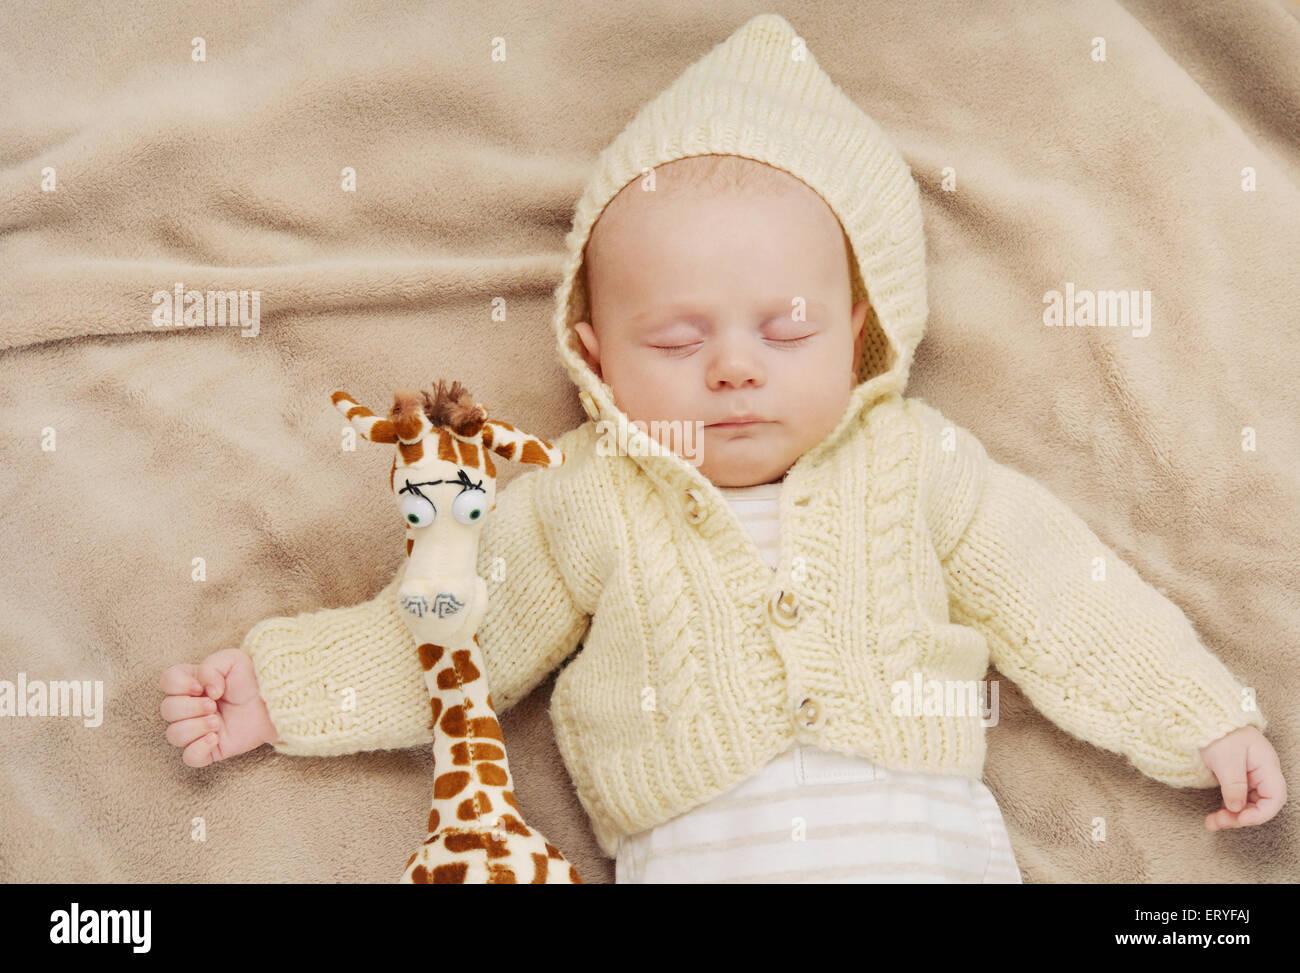 Dormir lindo bebé recién nacido, concepto de maternidad, suave imagen de hermosa familia Imagen De Stock